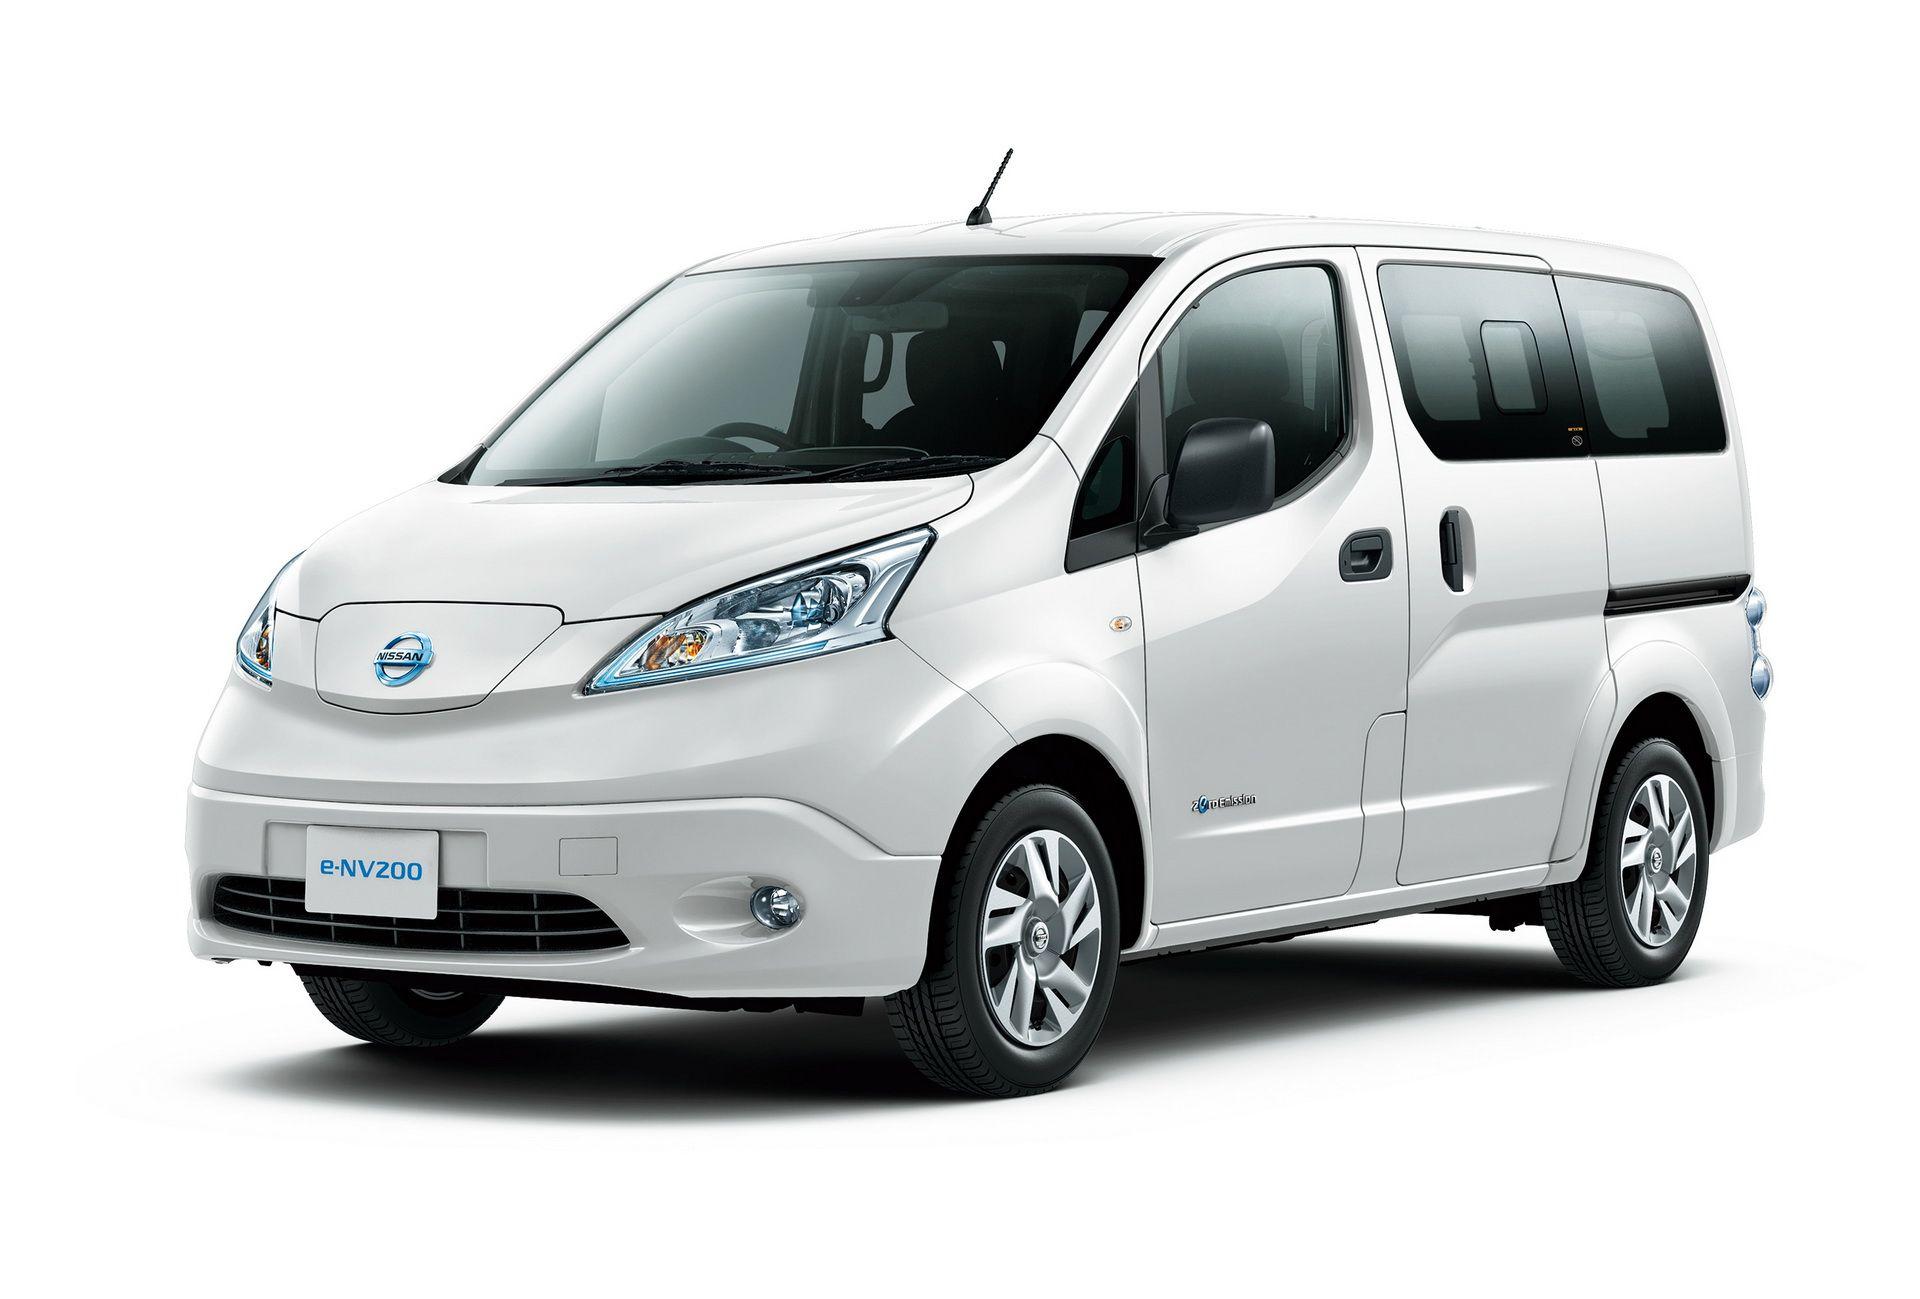 2019_Nissan_e-NV200_0009